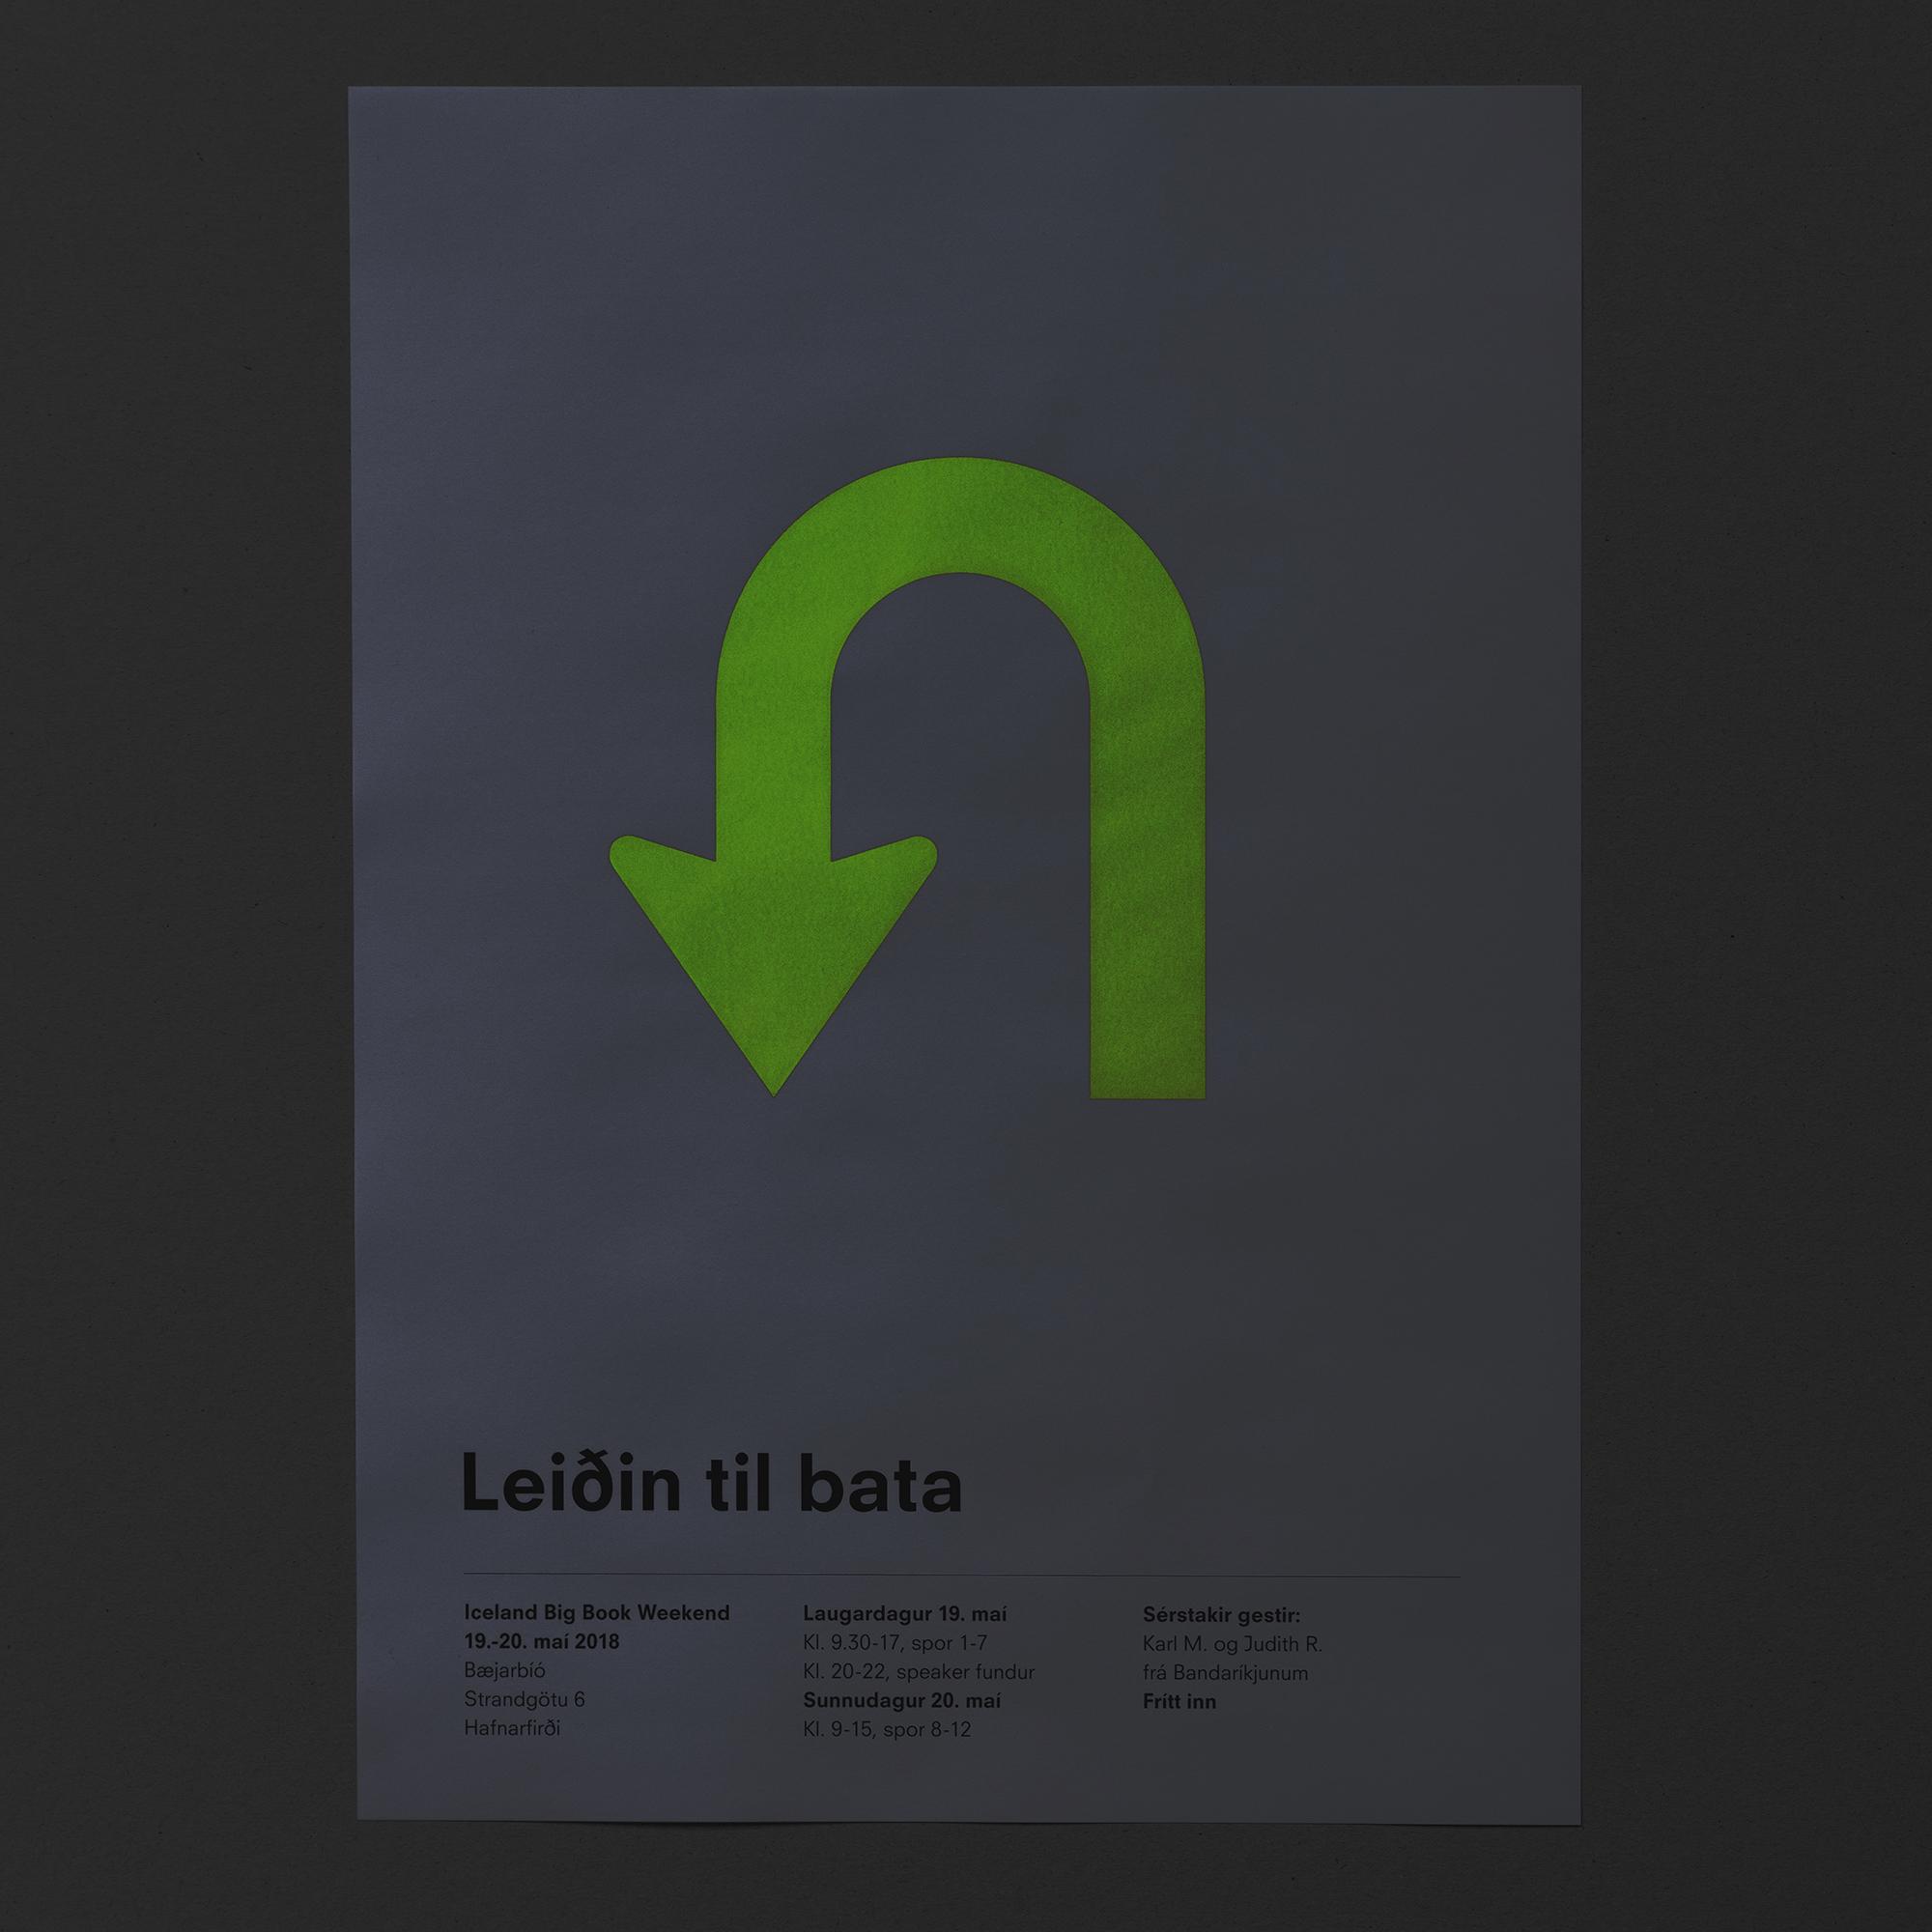 Leiðin til bata, AA-bókaráðstefna. Veggspjaldið var þrykkt með 'glow in the dark' lit og lýsti í myrkri. 2018.